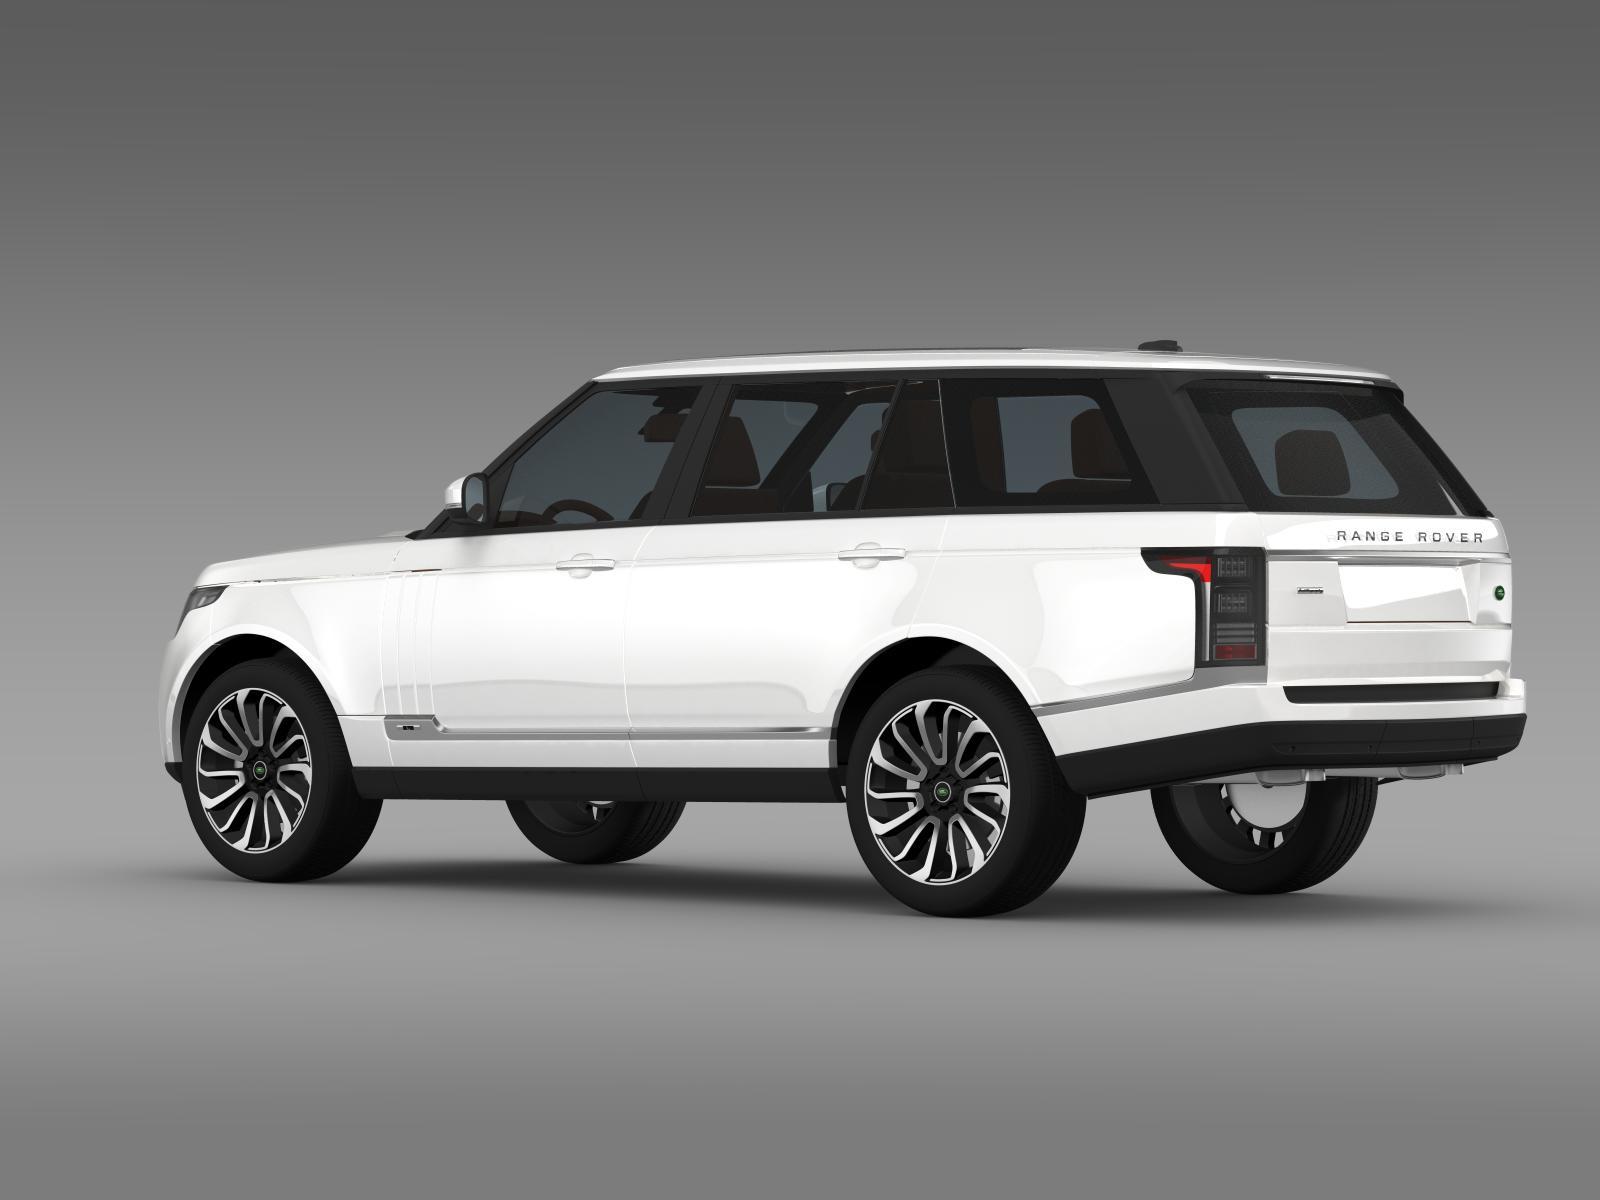 range rover autobiography lwb l405 2014 3d model. Black Bedroom Furniture Sets. Home Design Ideas